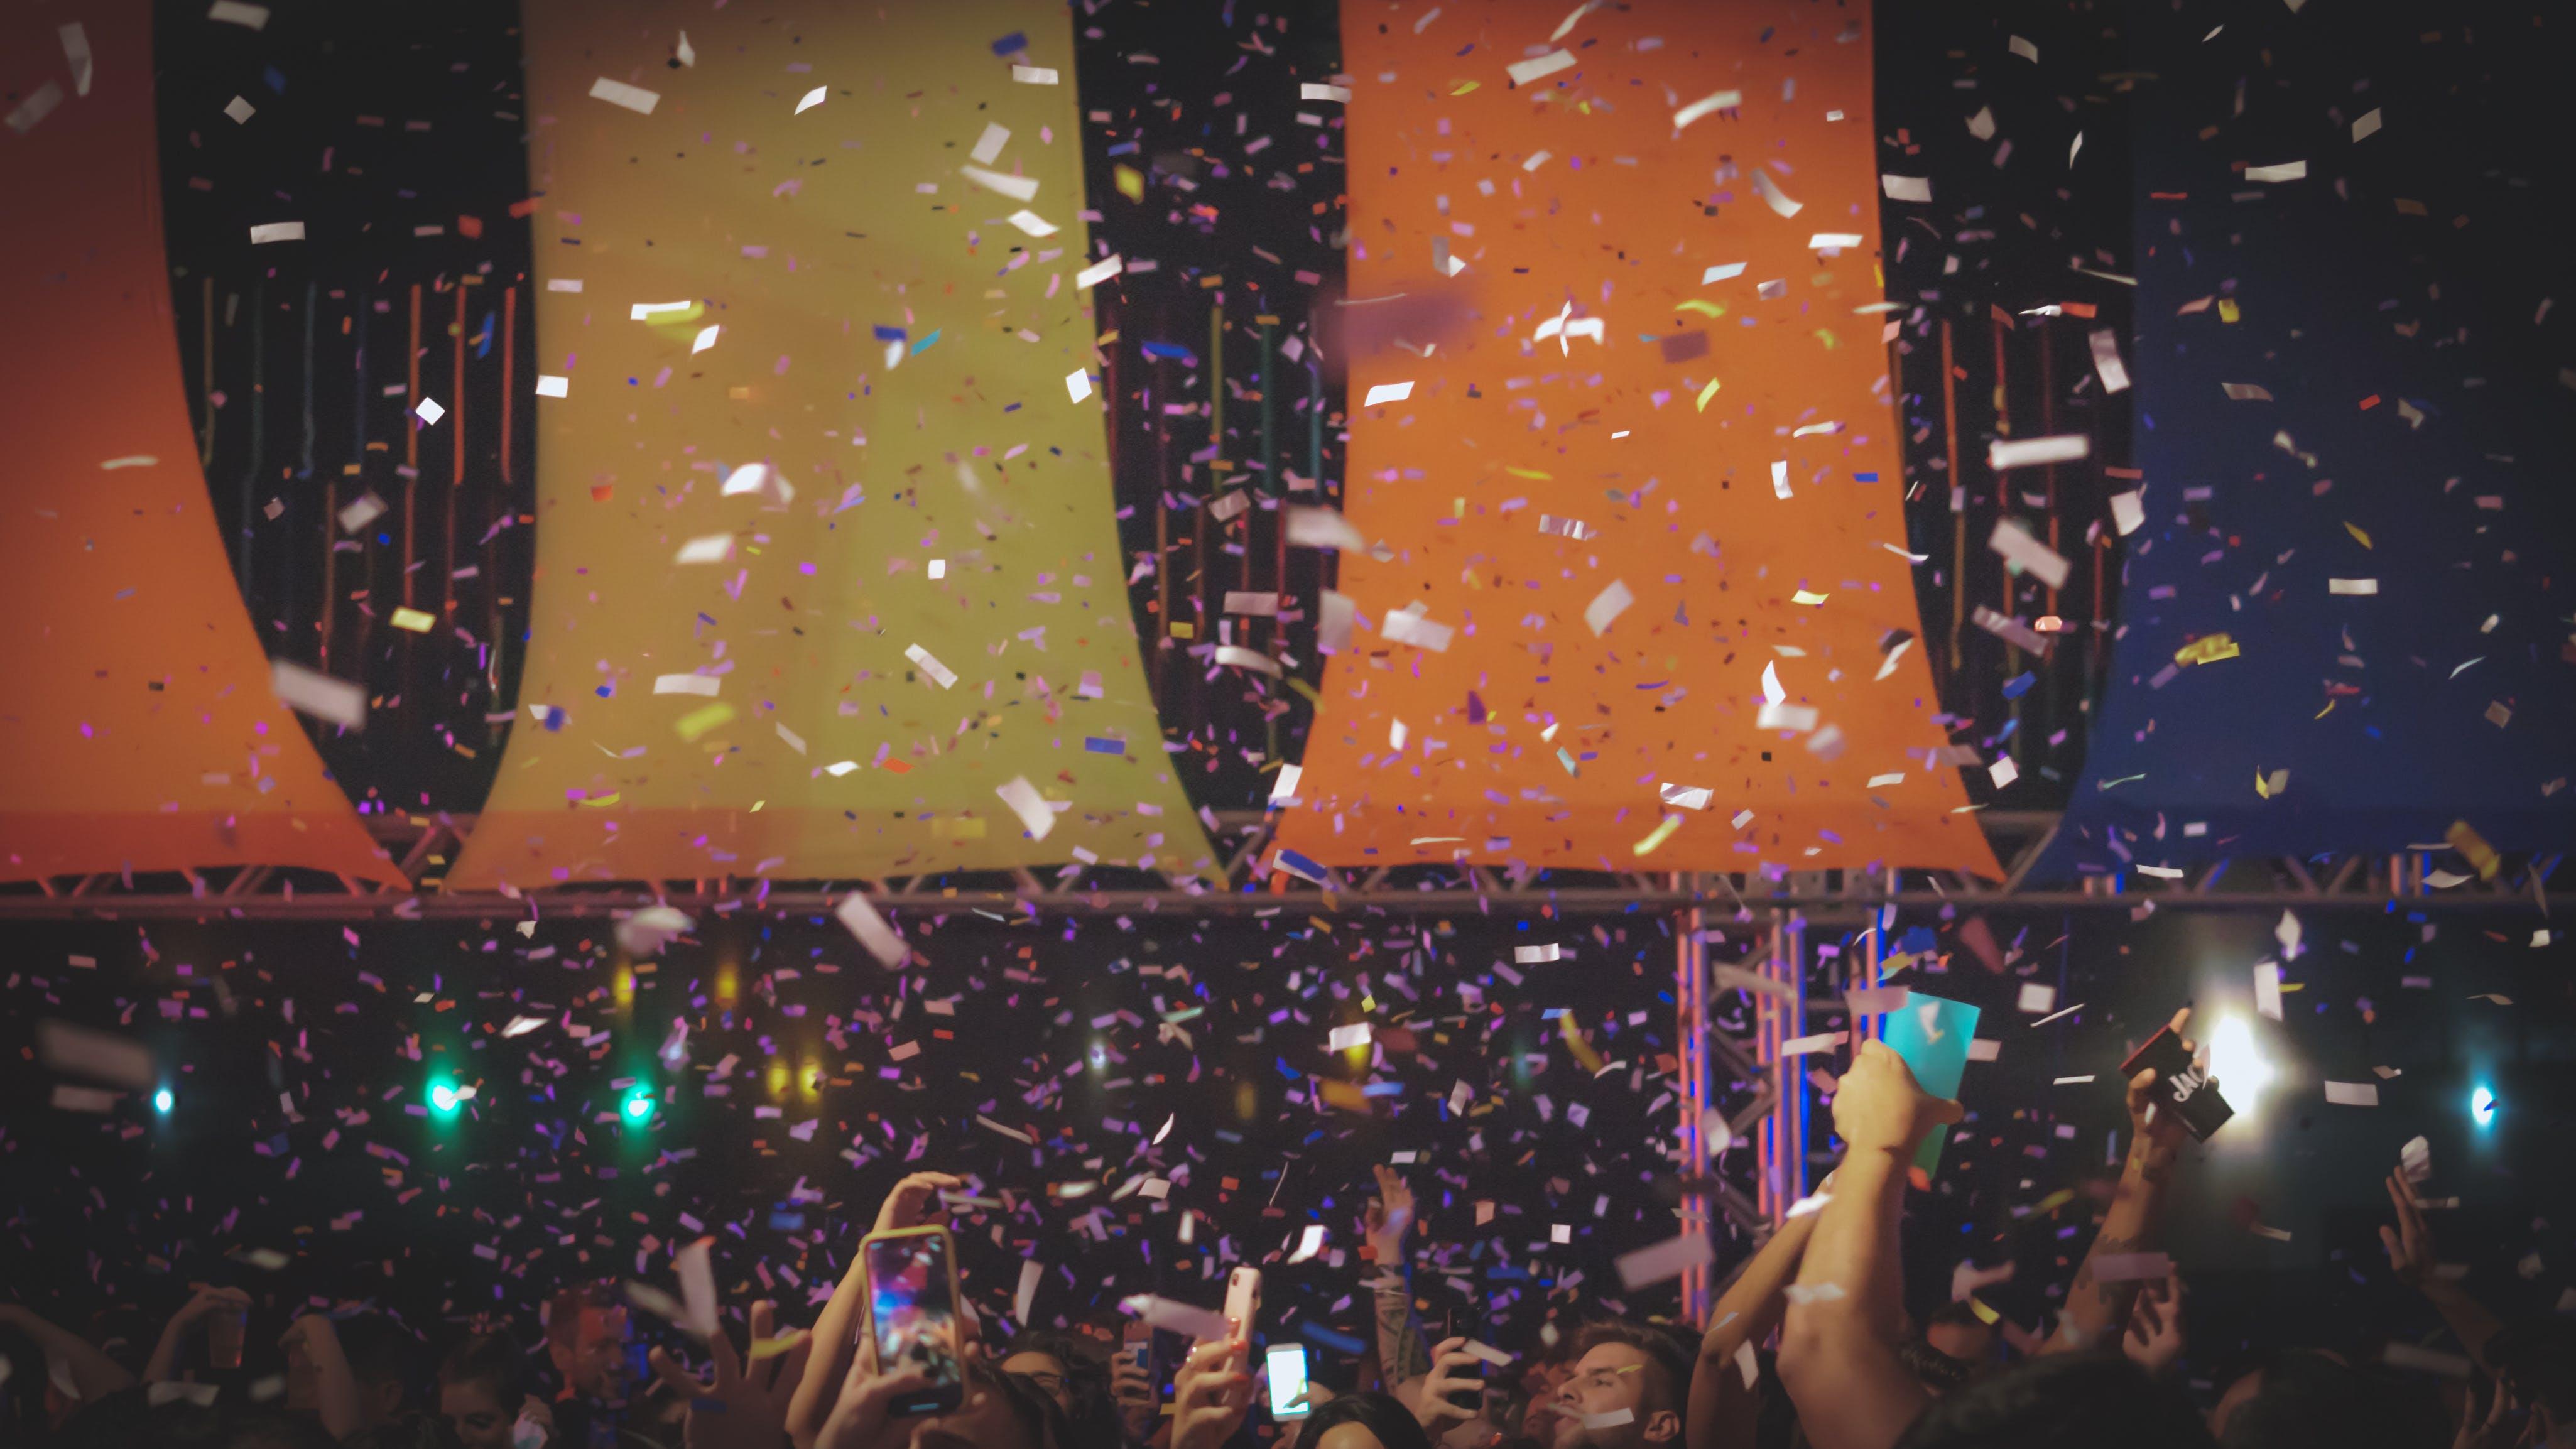 Gratis lagerfoto af axé bahia, bahia, carnaval, carnaval brasil